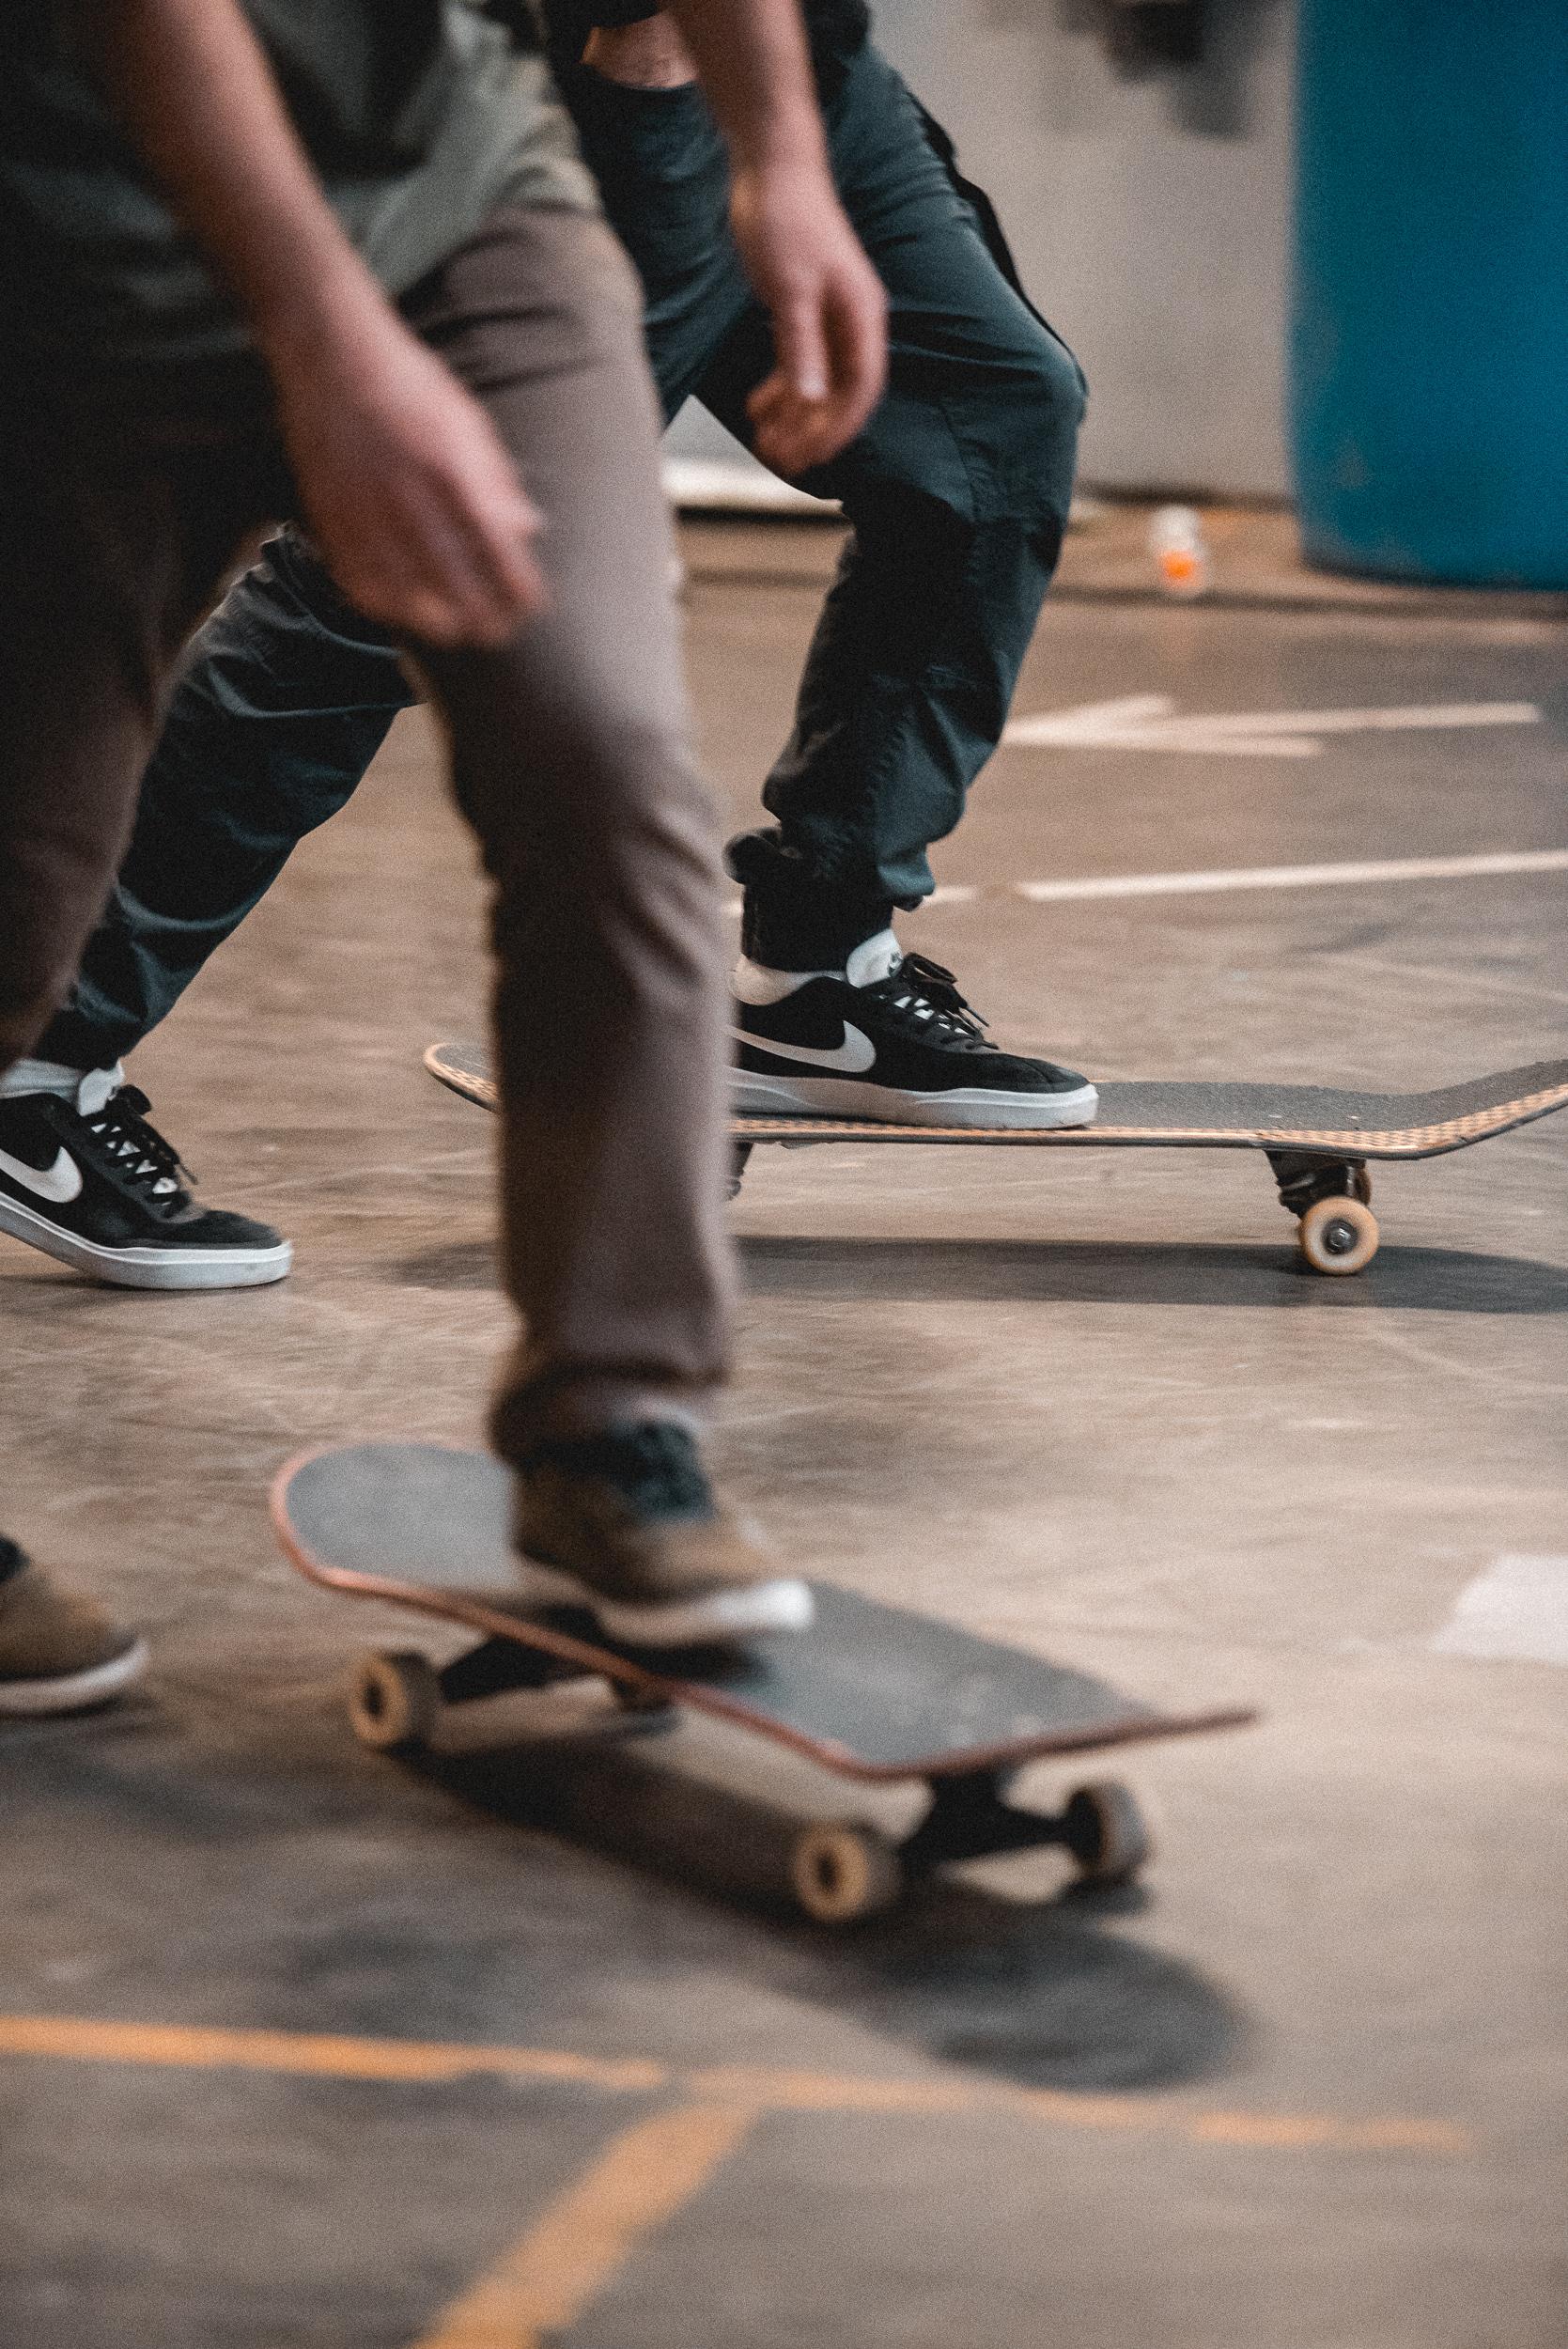 VZWEETJE  groepeert de Leuvense skatecommunity. In het  indoor skatepark  kunnen skaters hun beste flips, grabs en grinds showen. Meer dan 260 vierkante meter maagdelijk beton en een hoop vette toestellen staan klaar om het beest in elke skater naar boven te halen. Complete beginner, zotte pro of iets daar tussen? Iedereen is welkom.   contact:  i nfo@vzweetje.be   openingsuren: wo: 13:00 - 23:00, do - za: 13:00 - 21:00